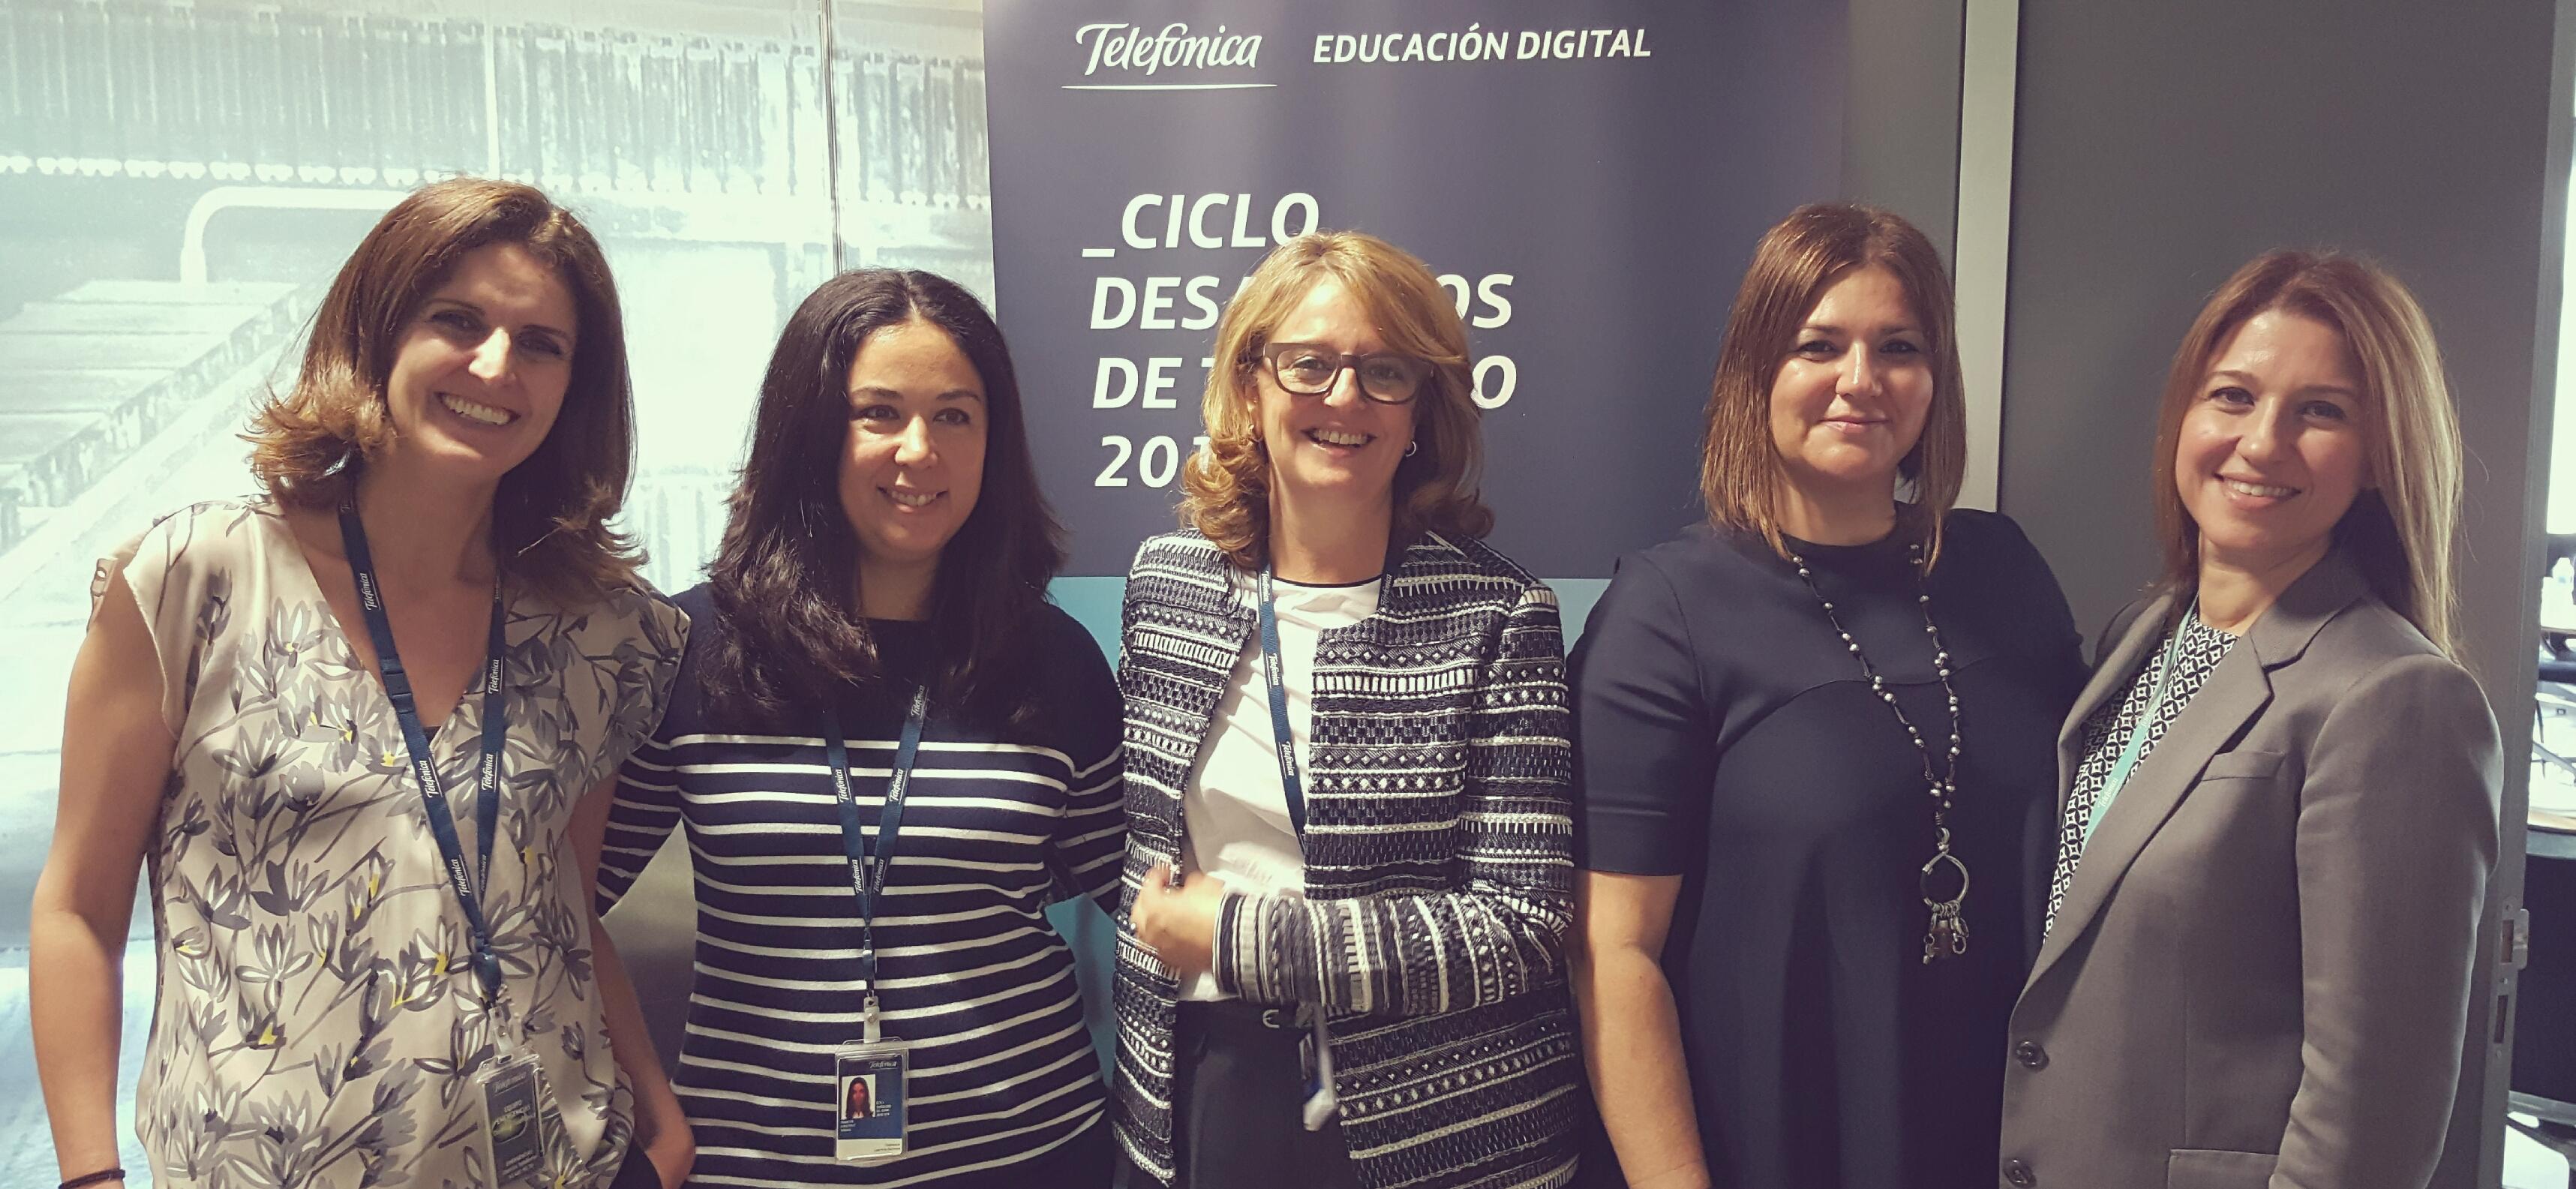 Desayunos en Telefónica Educación Digital: la clave del perfil digital